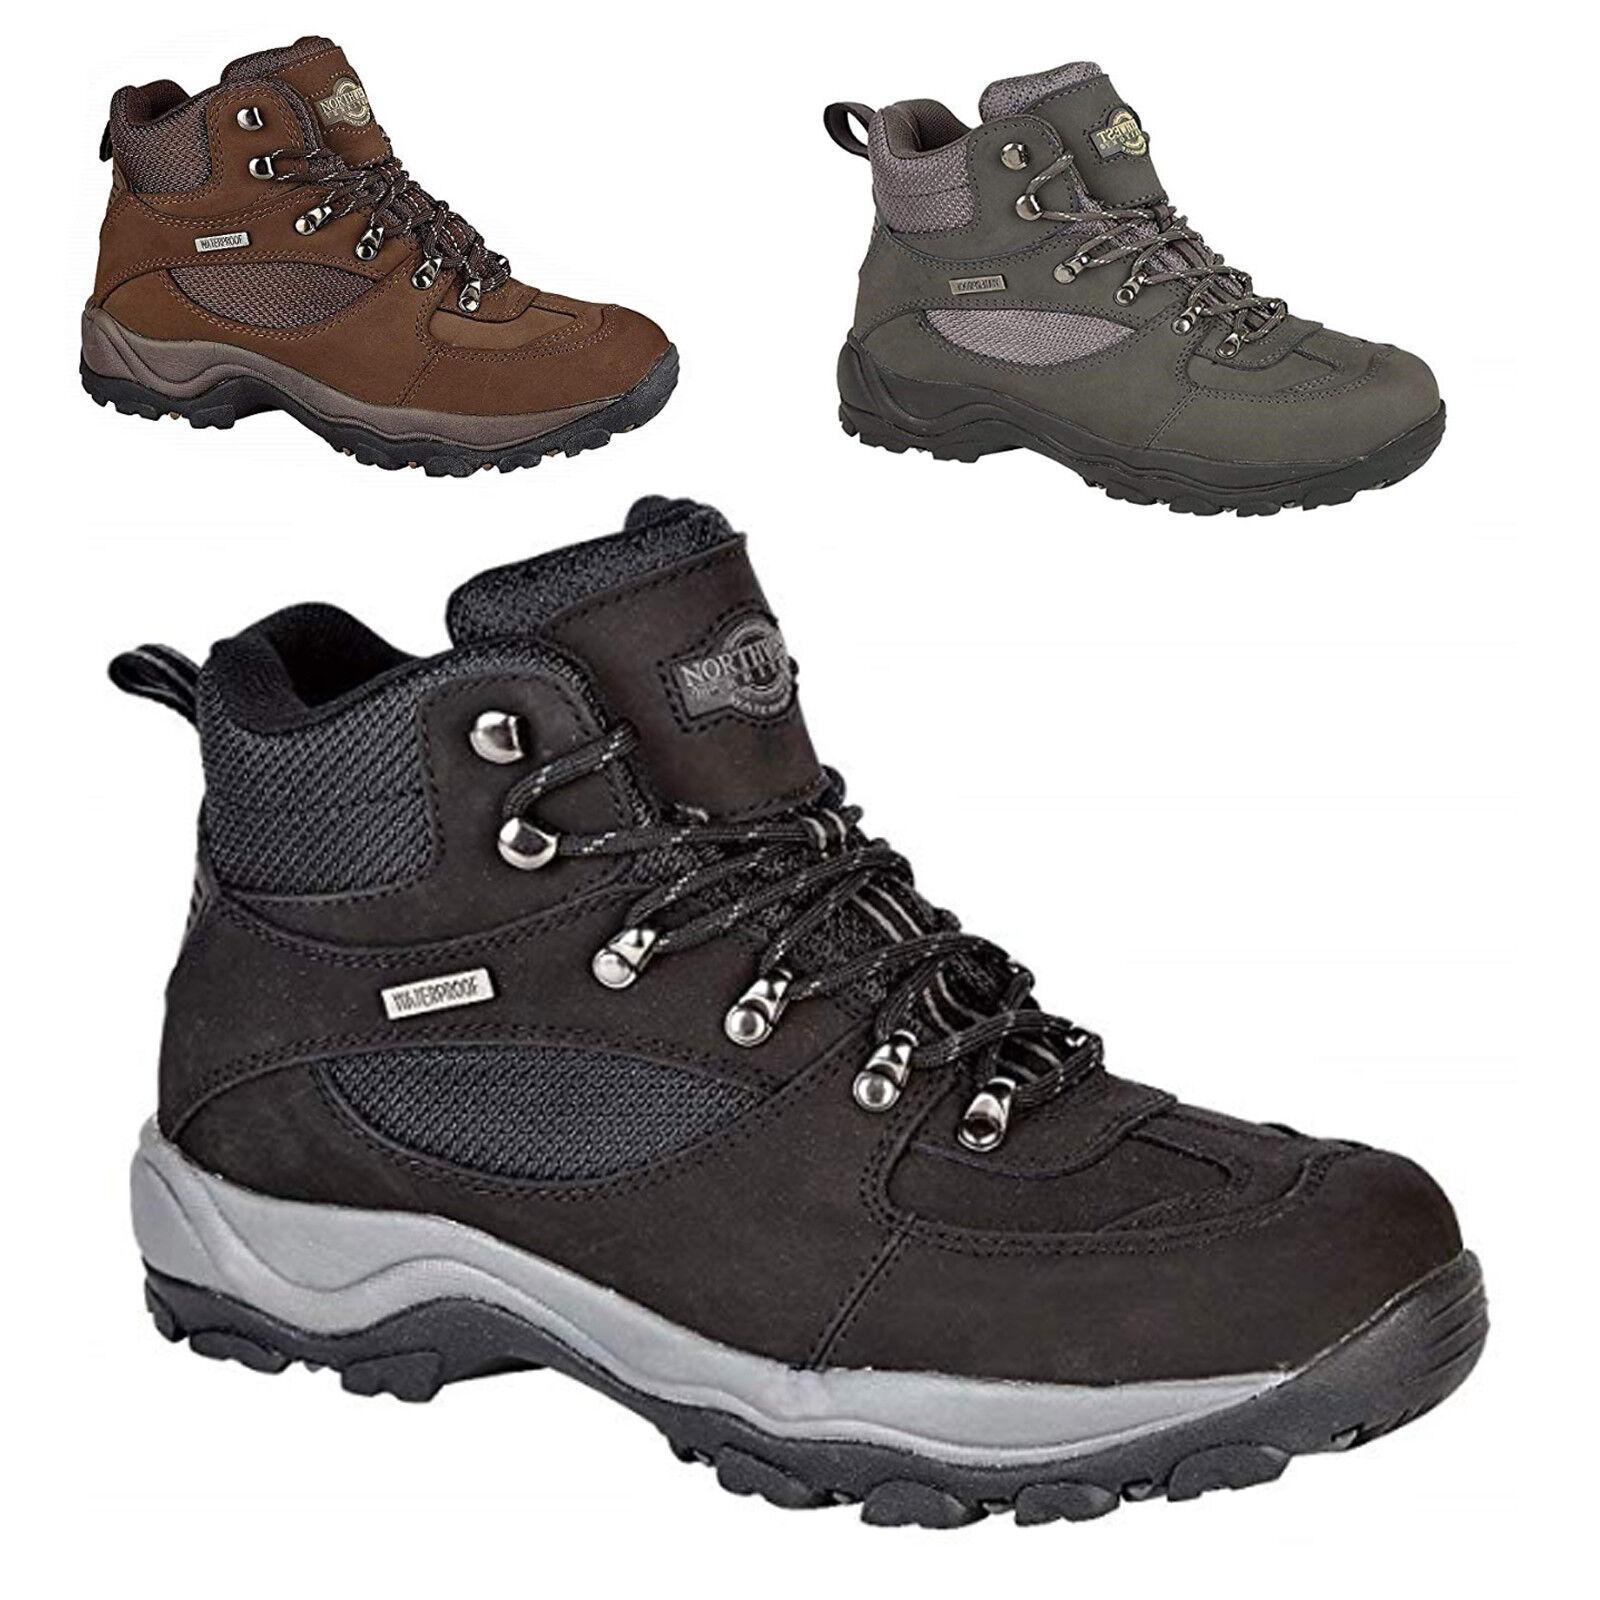 Herren Northwest Territory Hiking Walking Waterproof Real Leder Schuhes Größe 6-13